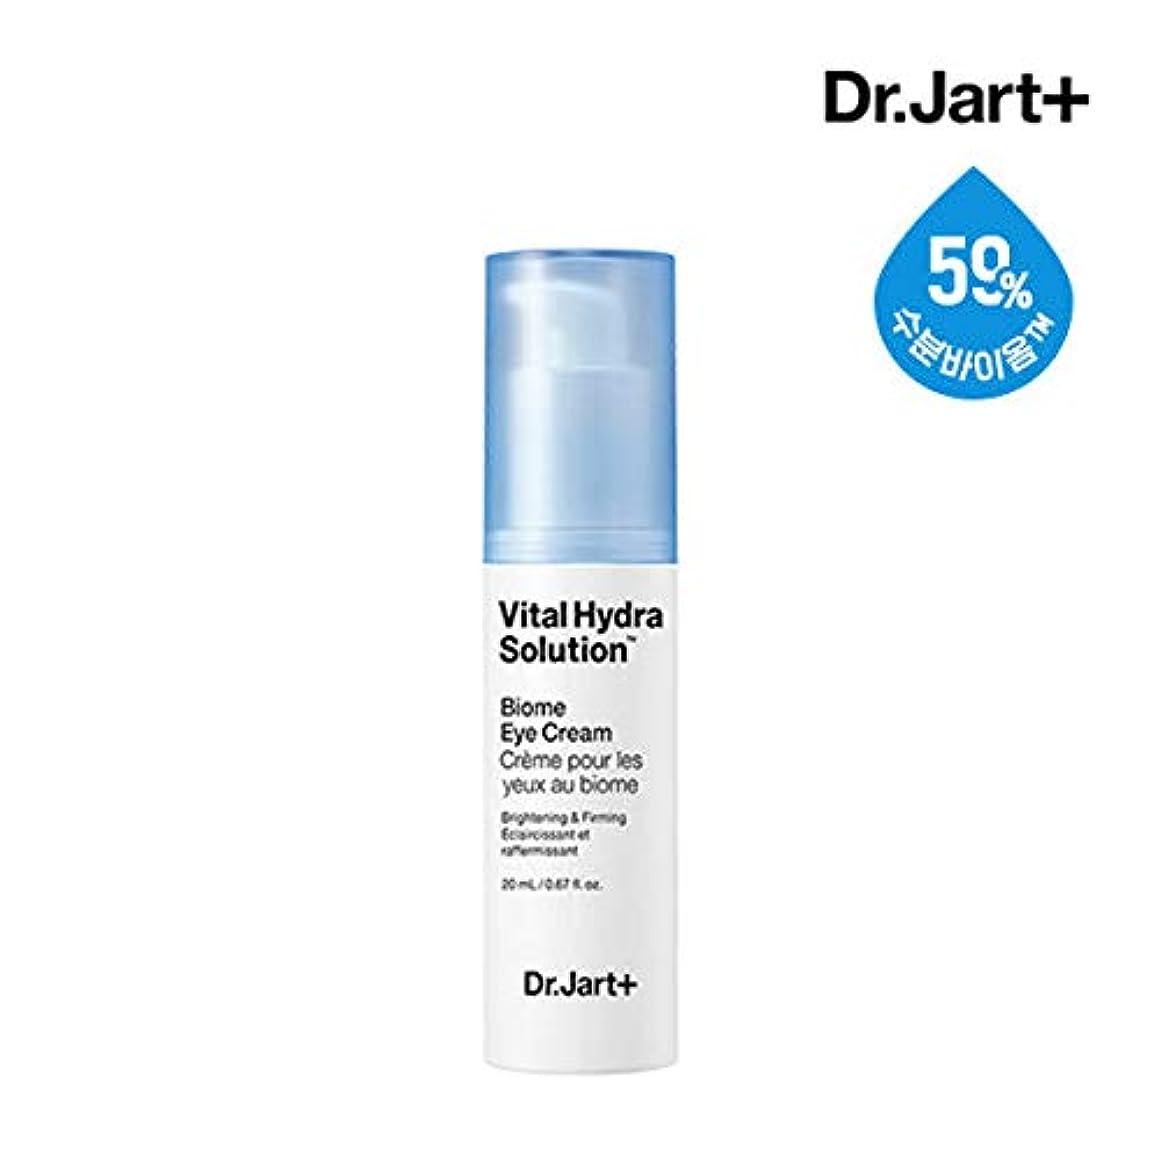 観客州建設ドクタージャルトゥ[Dr.Jart+] バイタルハイドラソリューションバイオームアイクリーム20ml (Vital Hydra Solution Biome Eye Cream) / ブライトニング&ファーミング